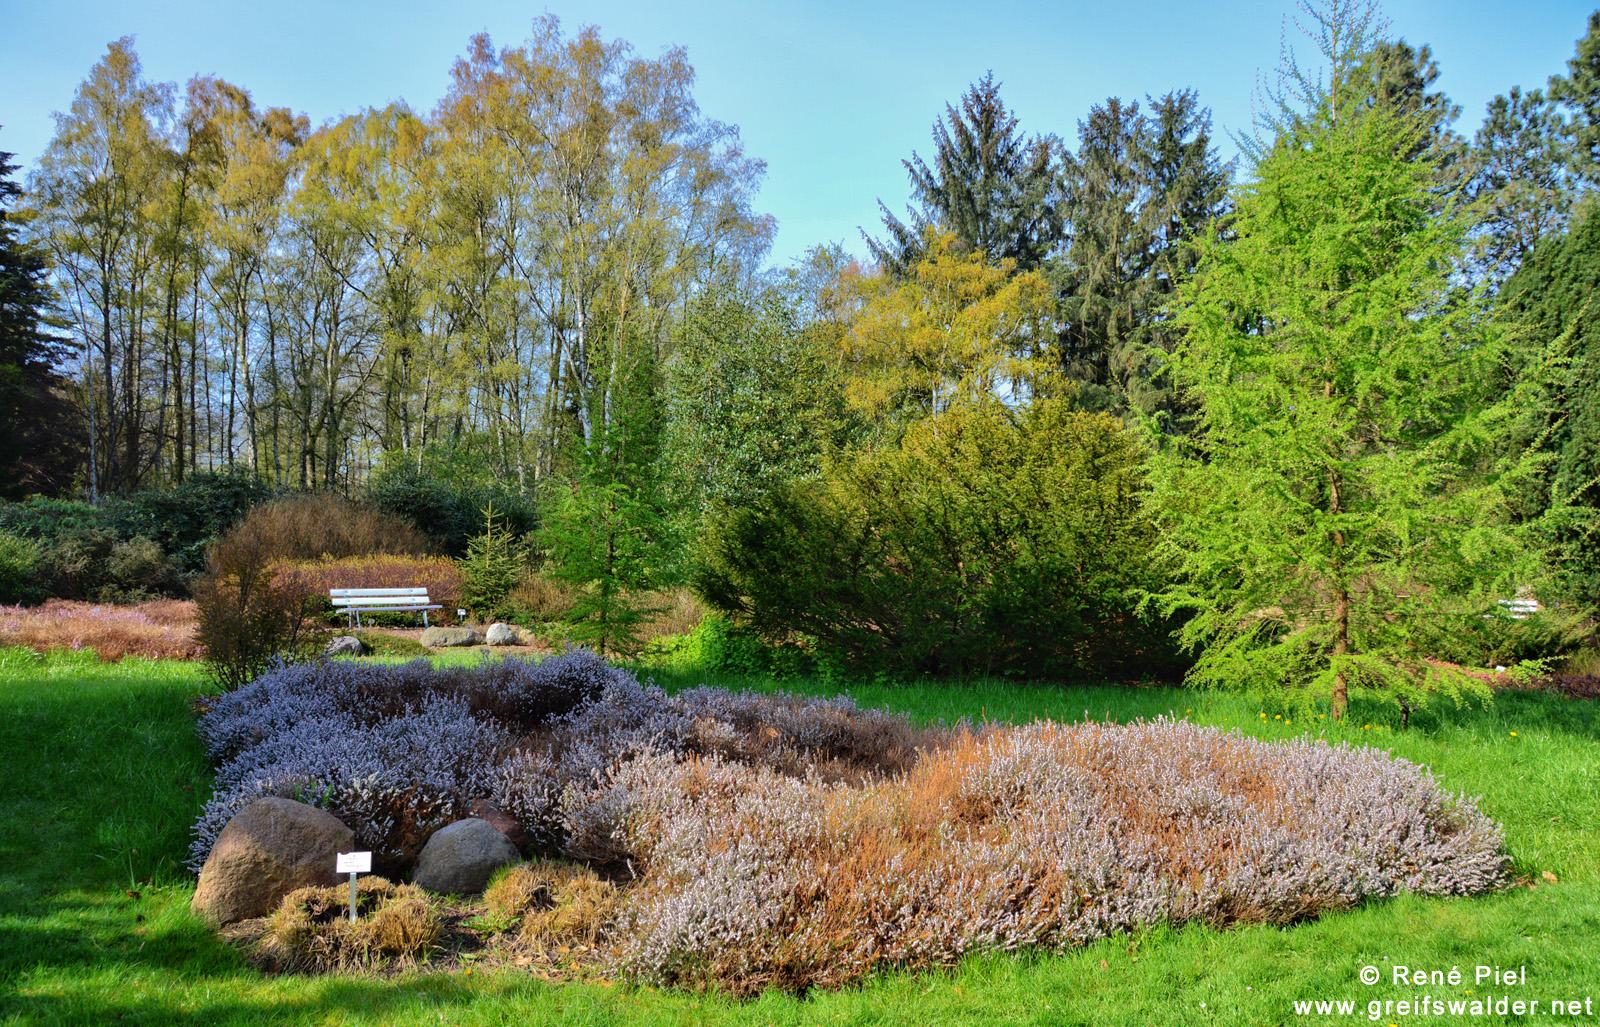 Arboretum des Botanischen Gartens in Greifswald